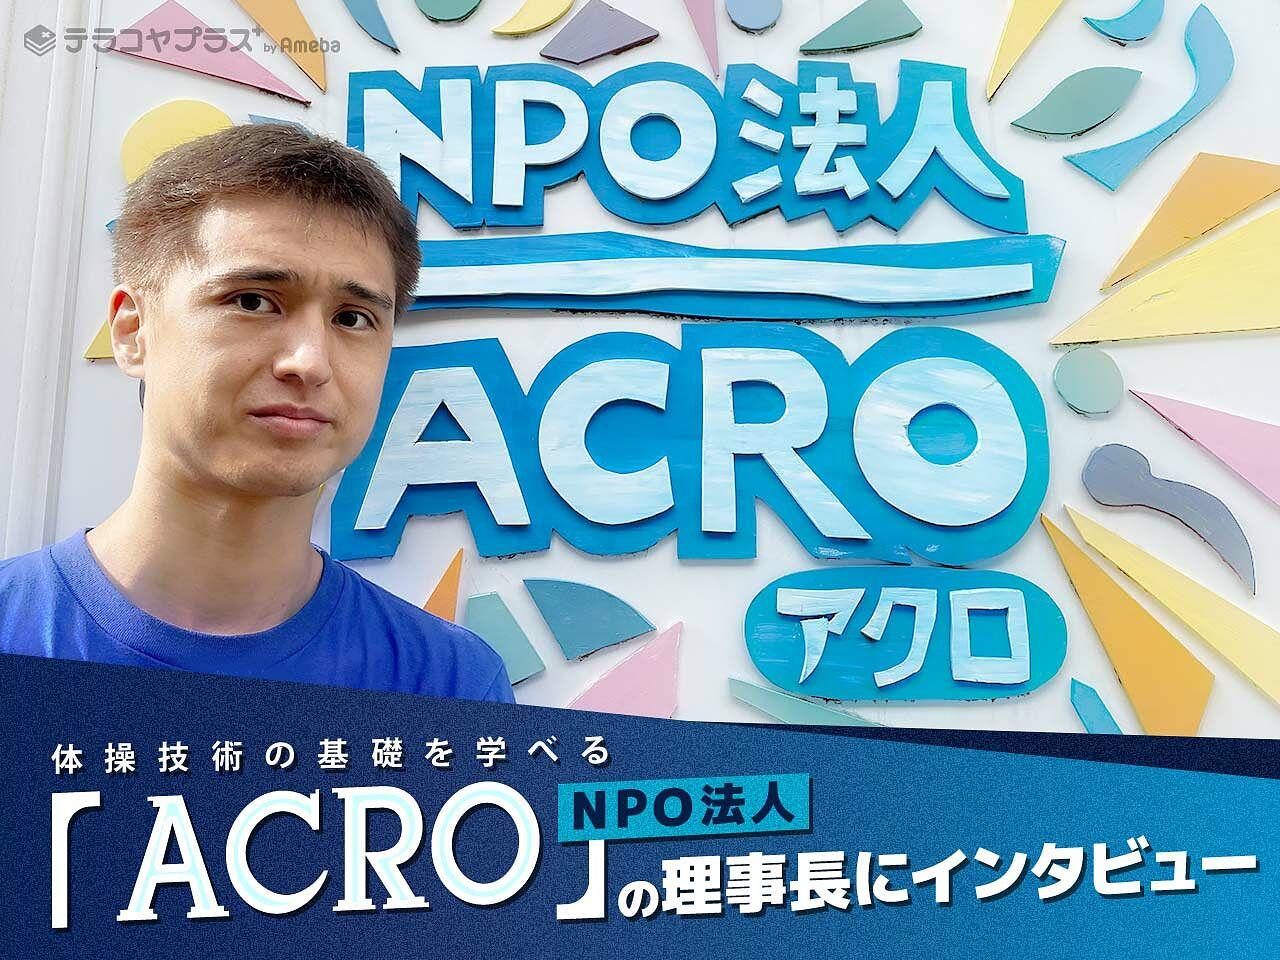 """体操技術の基礎を学ぶ!NPO法人「ACRO」が情熱をもって取り組む""""一人ひとりと向き合った指導""""とはの画像"""